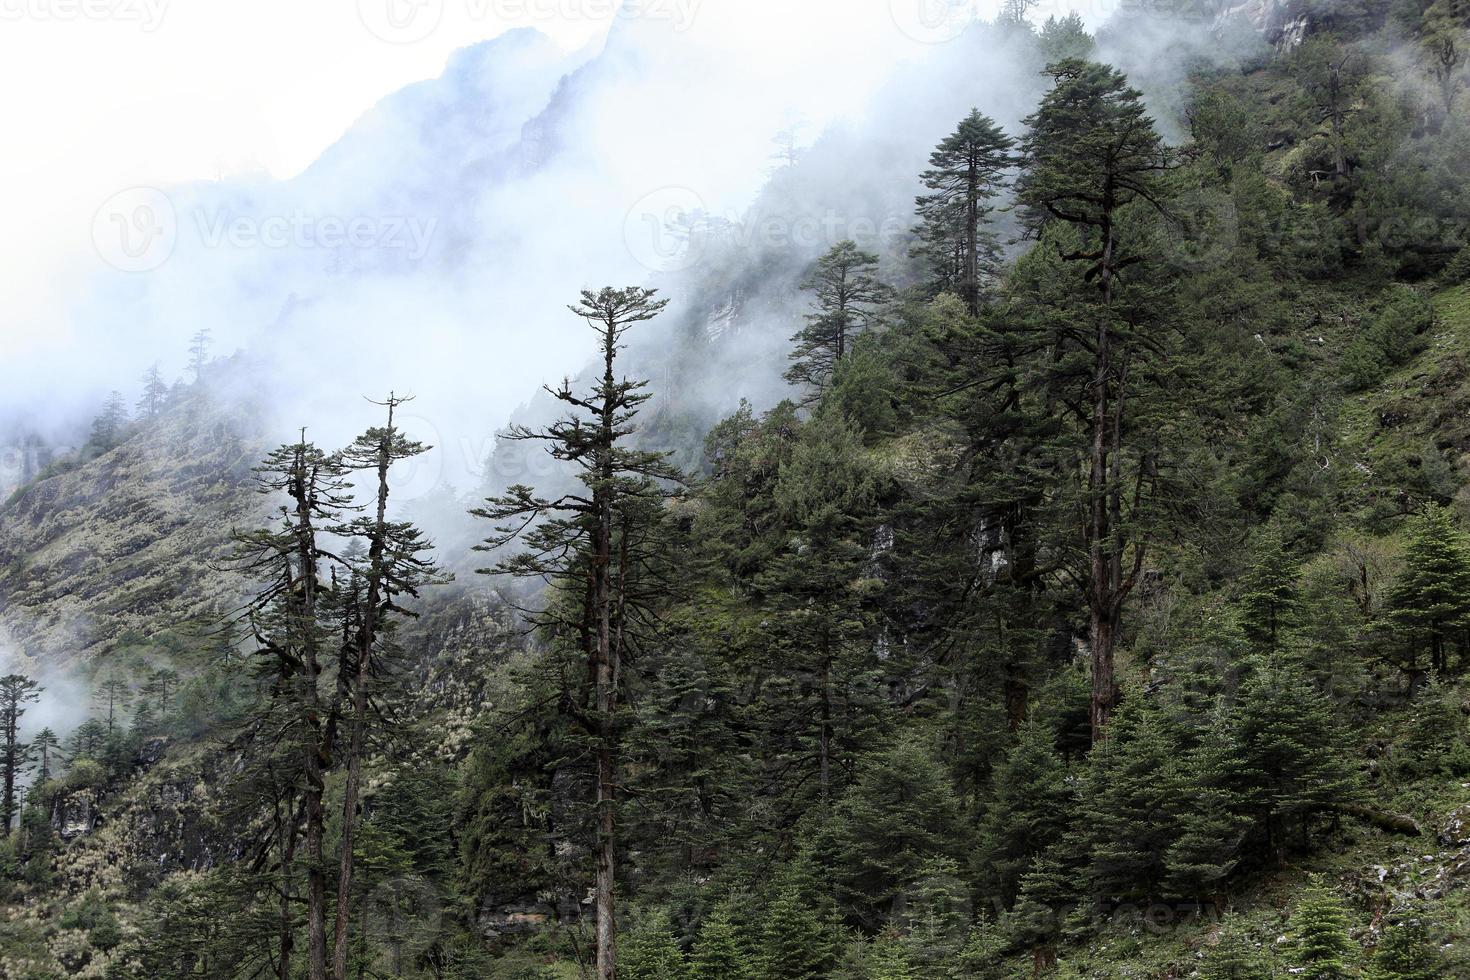 montanha coberta de neve em nevoeiro - cordilheira do Himalaia, Sikkim, Índia foto